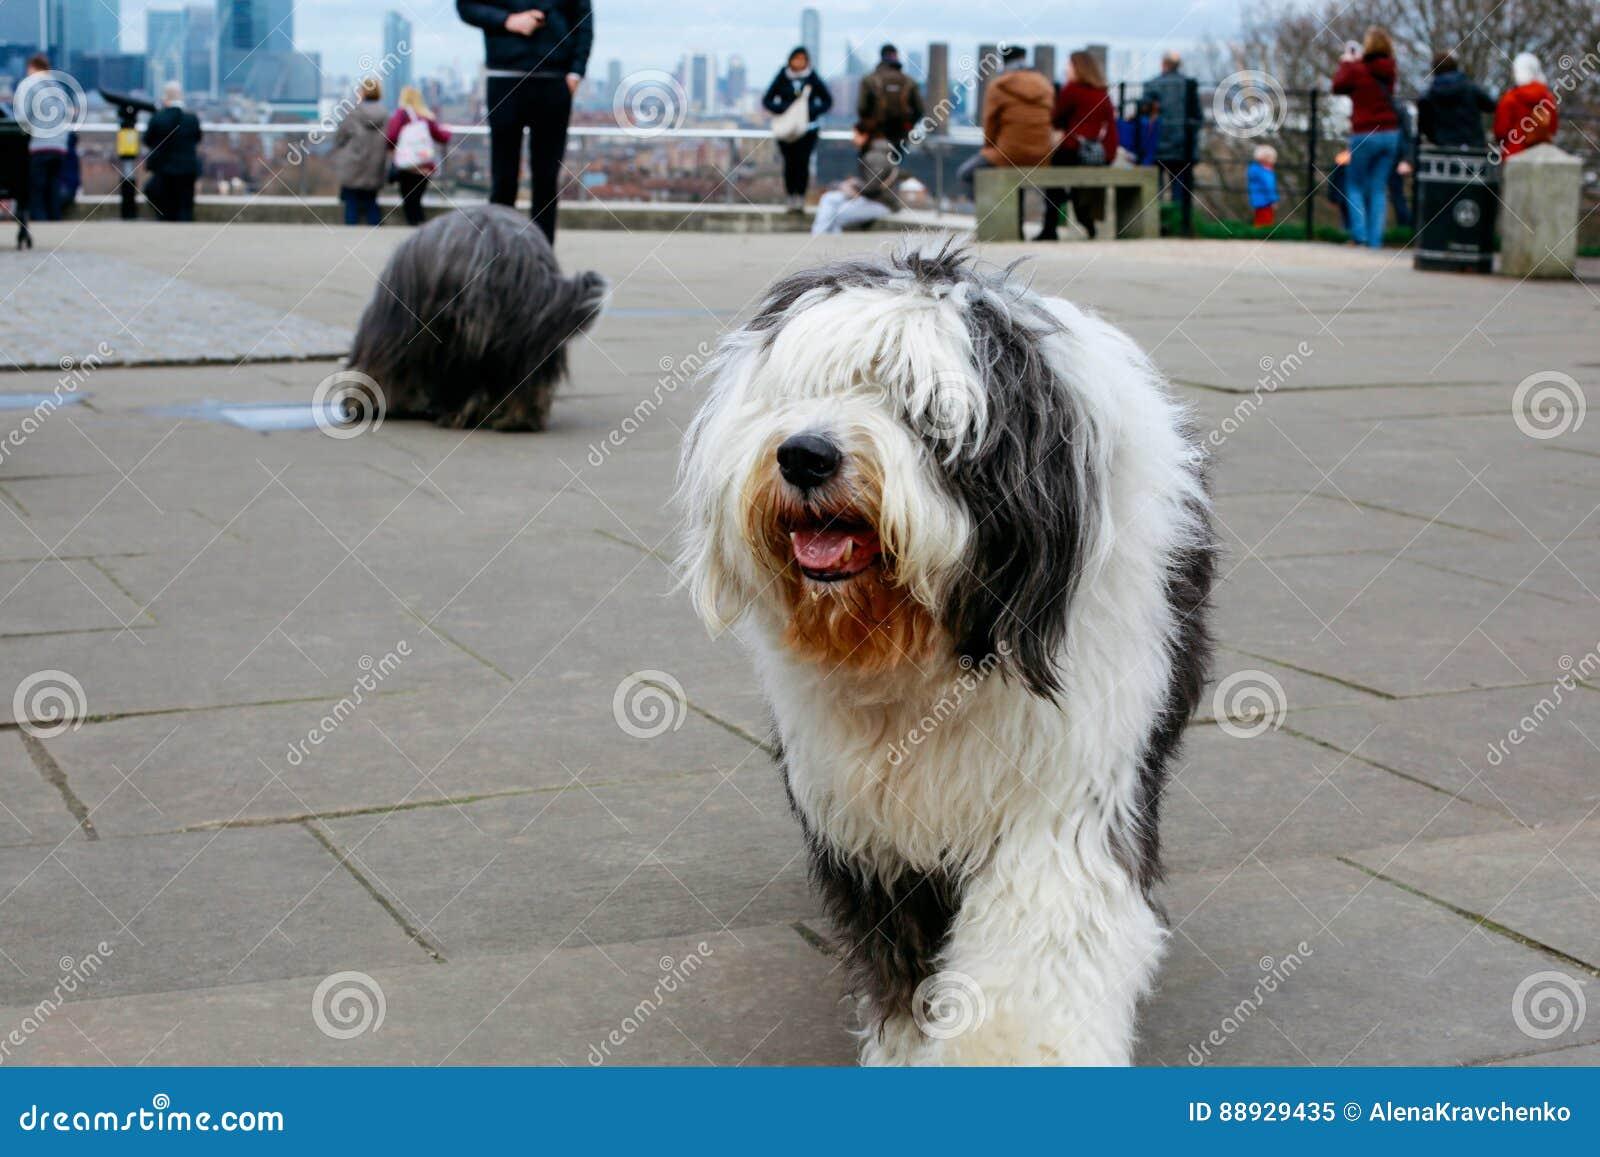 Alter englischer Schäferhund